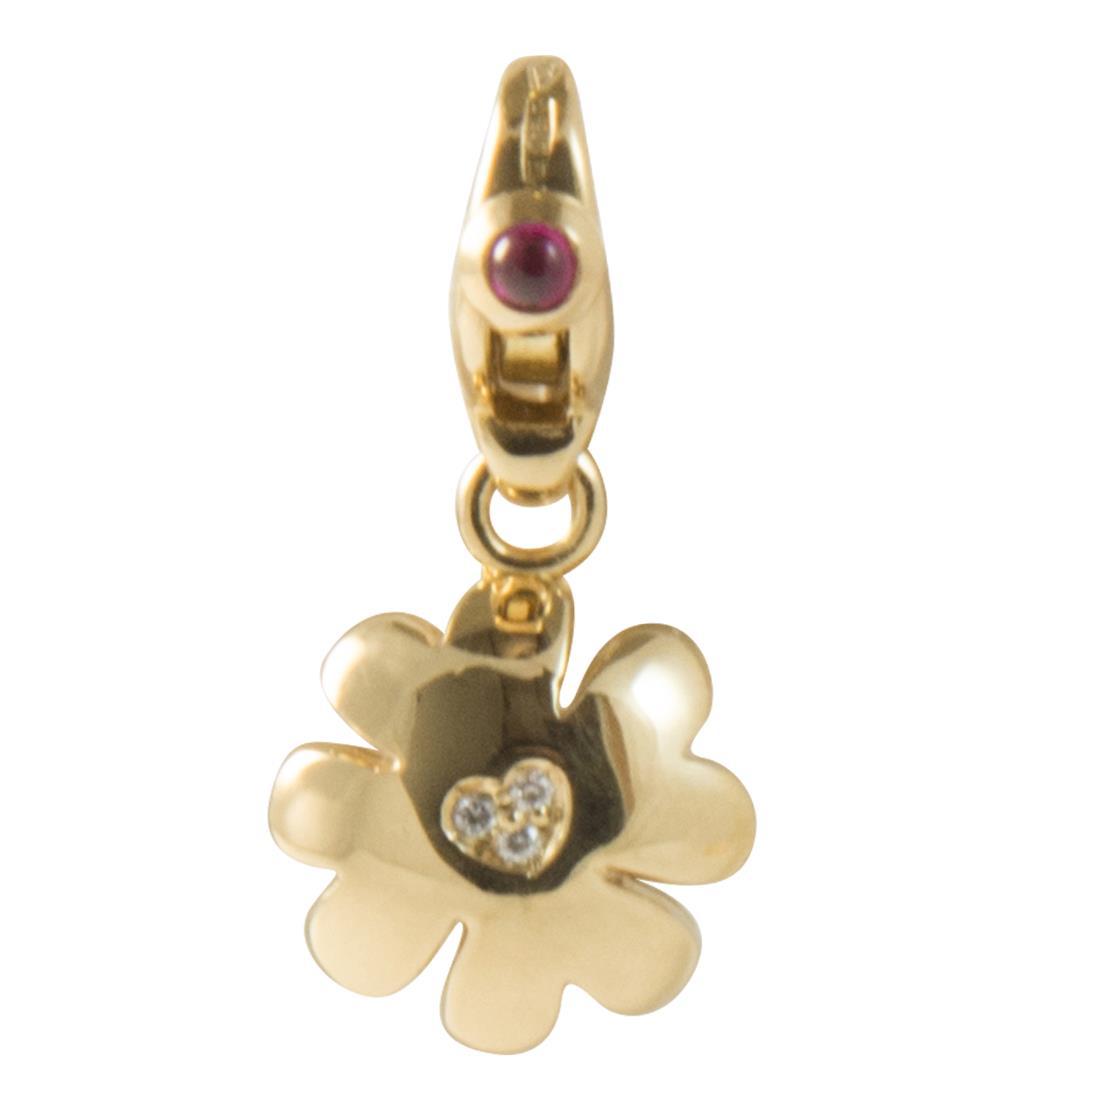 Ciondolo quadrifoglio charm in oro giallo con diamanti ct 0.02 e rubini ct 0.06 - PASQUALE BRUNI